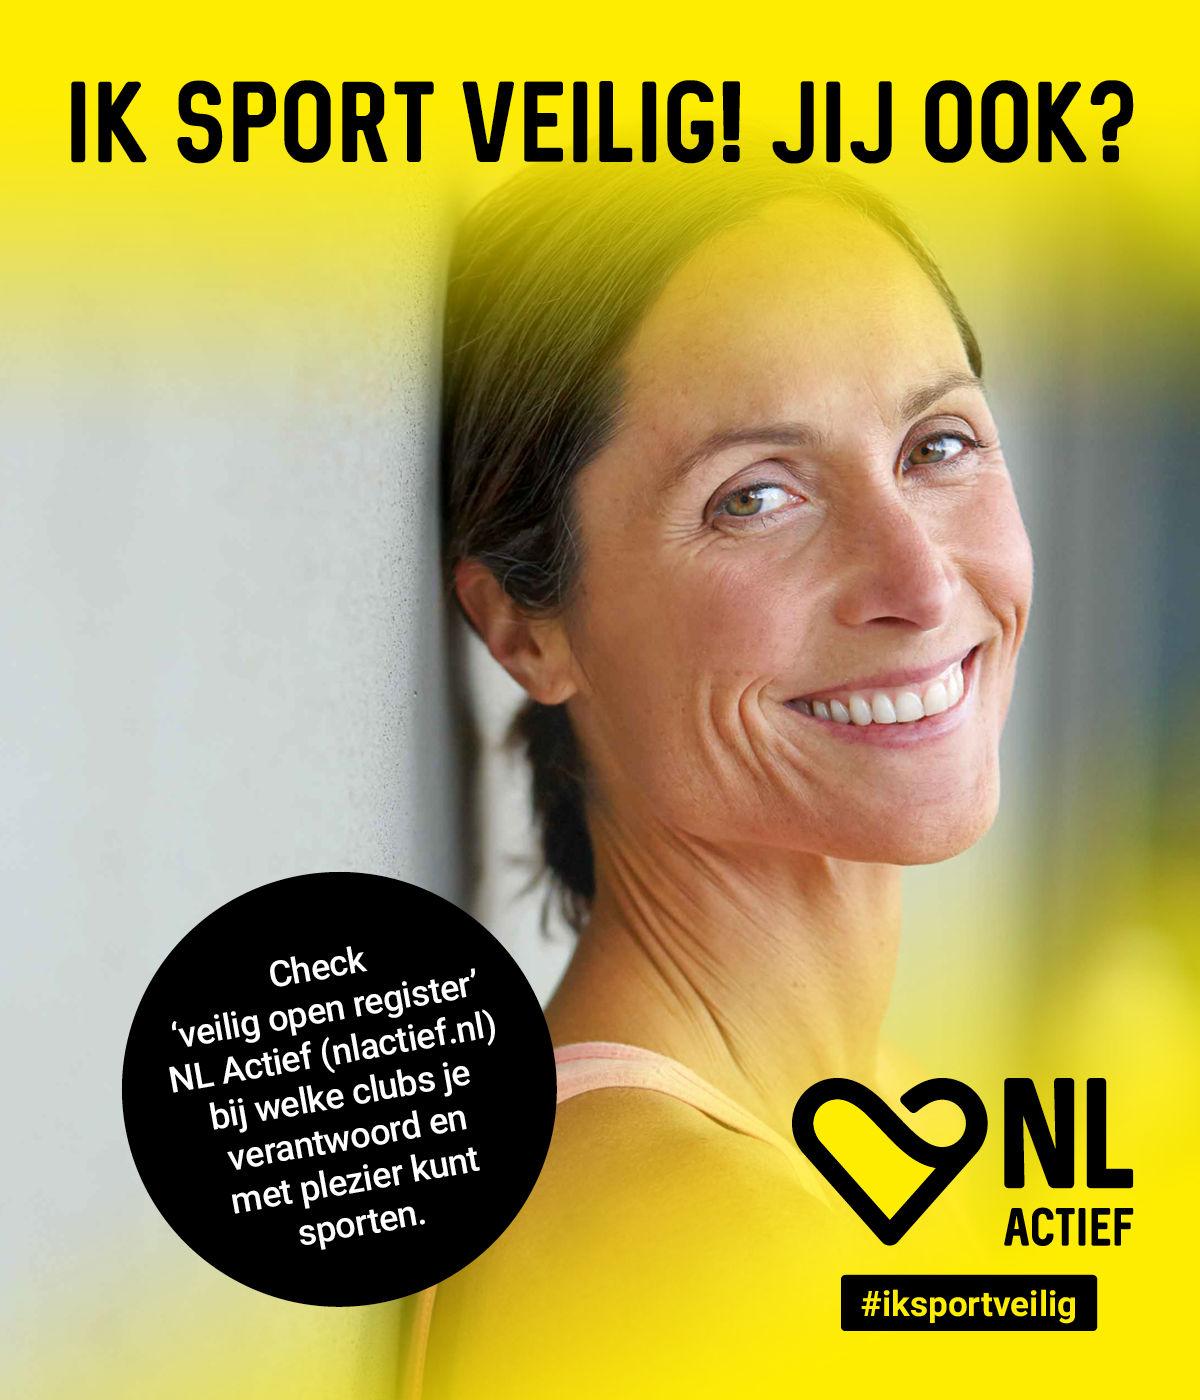 Veilig sporten in Den Haag bij Fitness de Bataaf